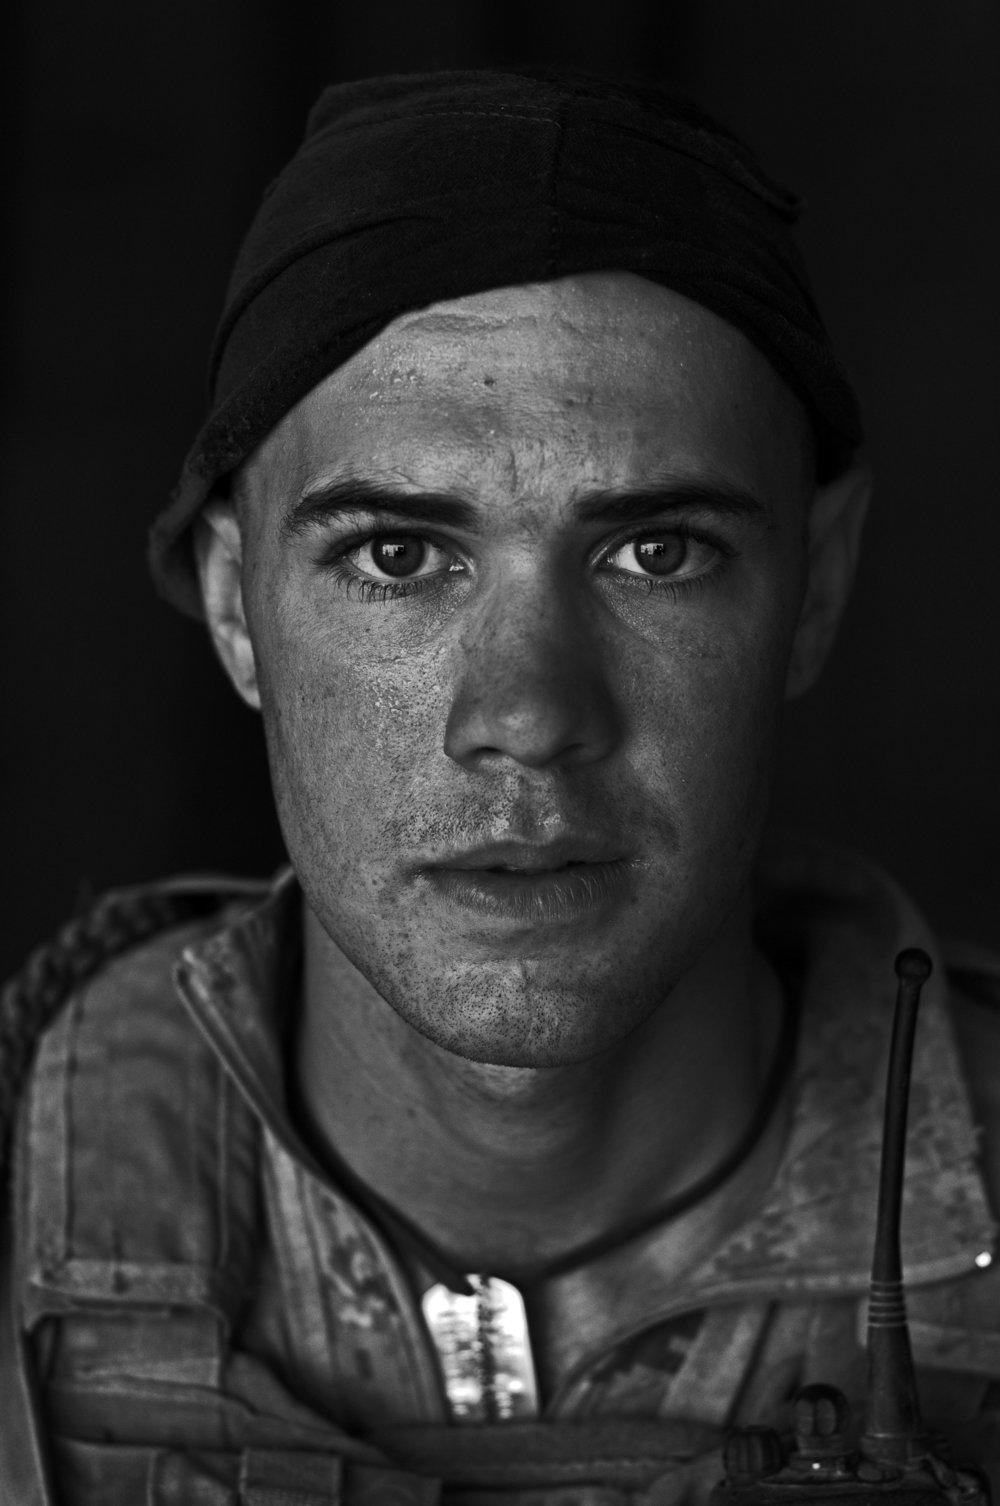 3-U.S. Marine Pfc. Chad Wilson